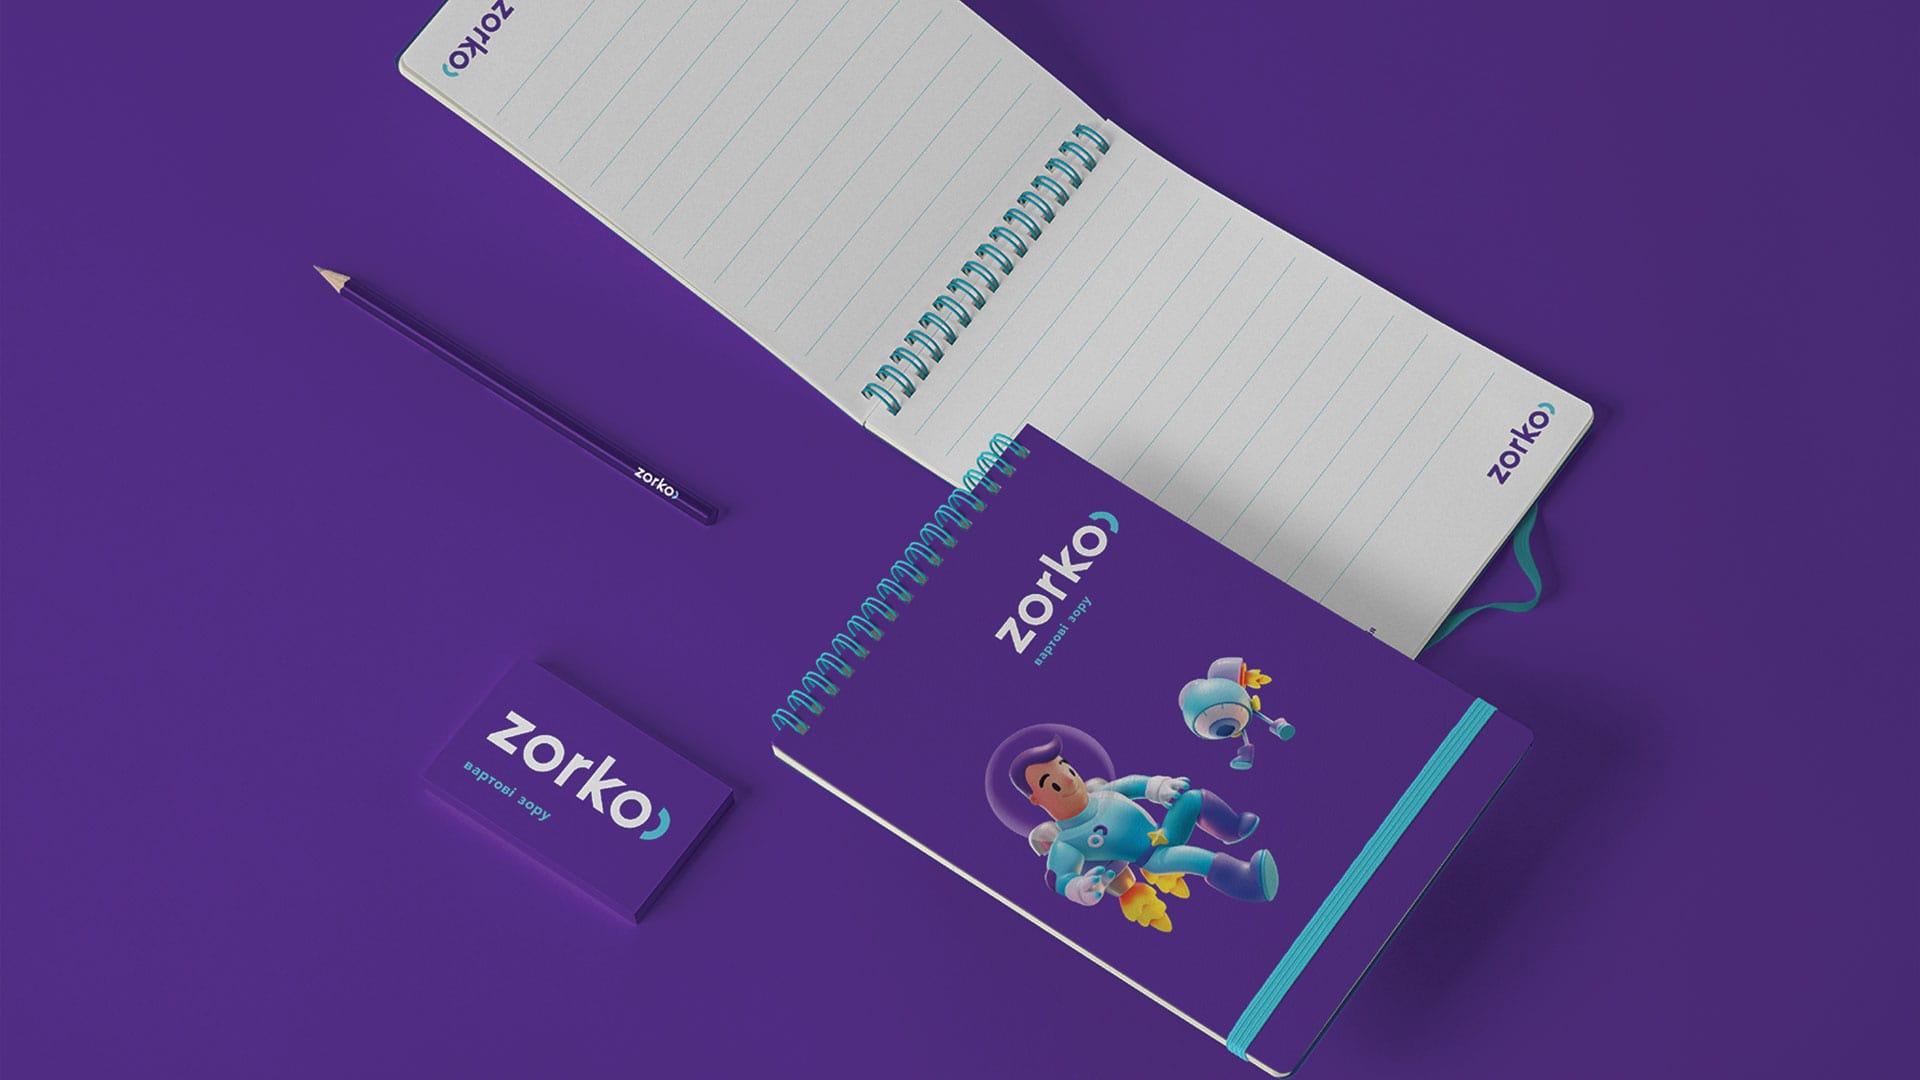 gra brand design zorko 10